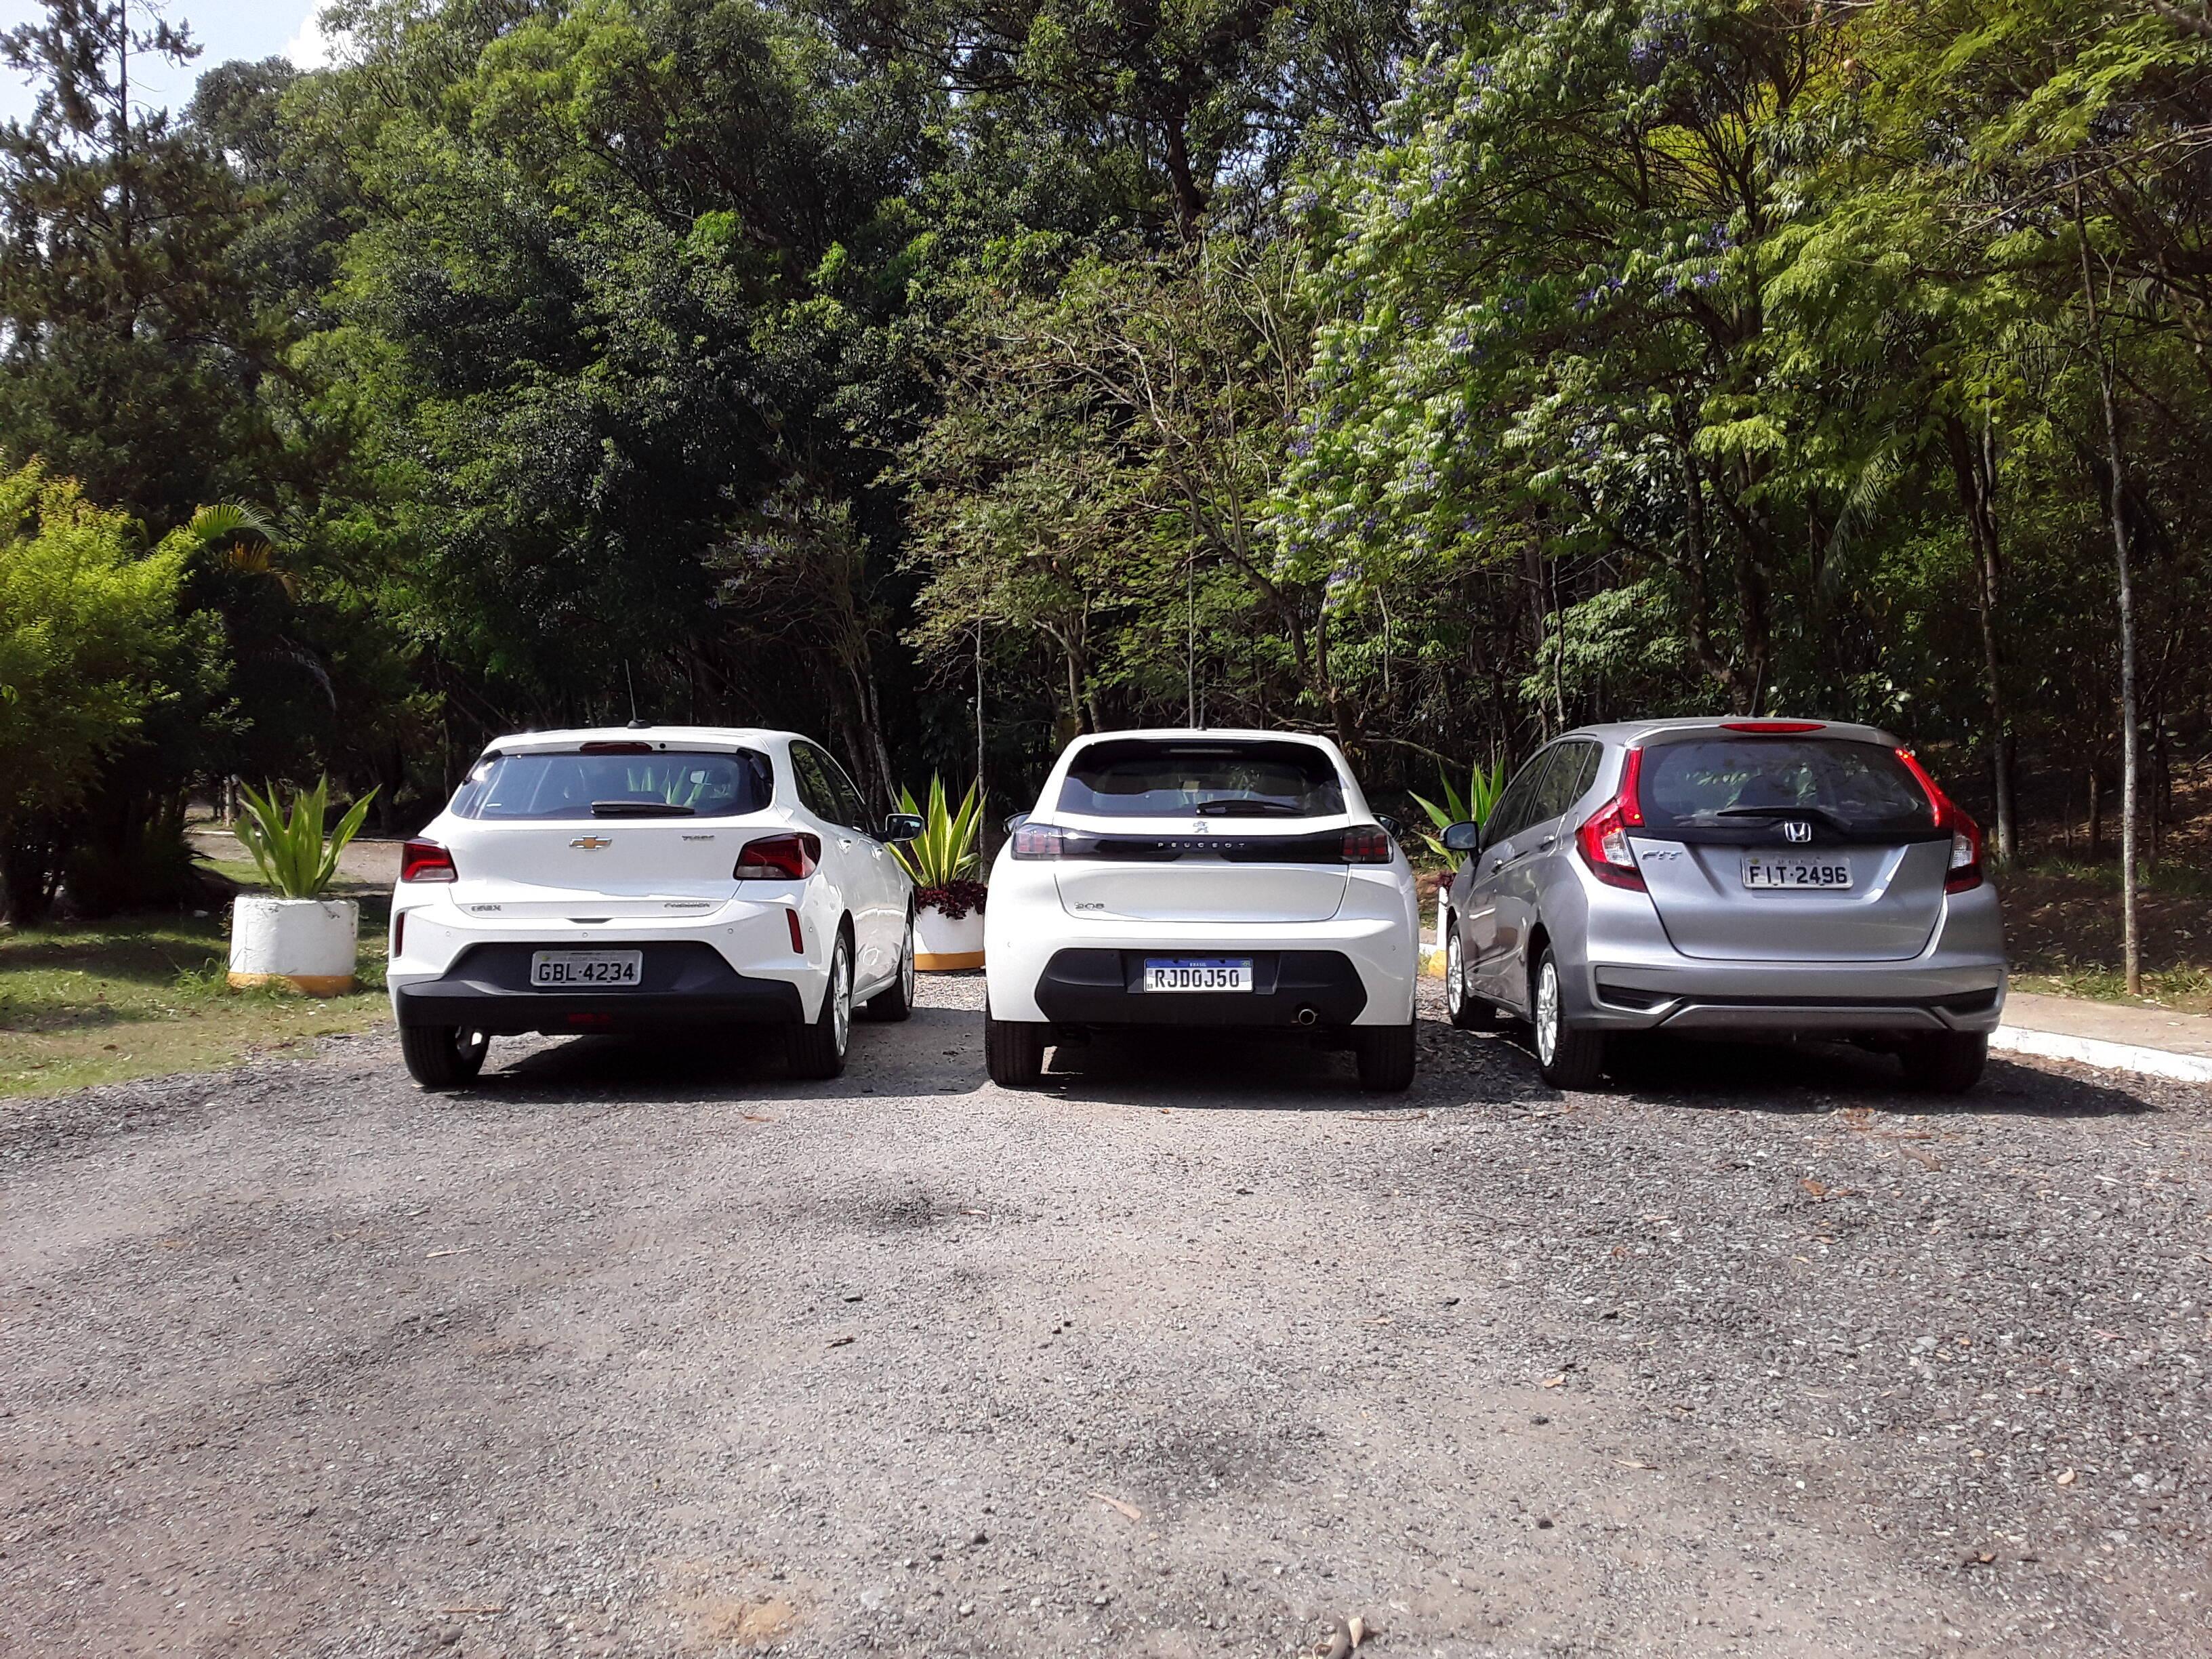 Peugeot 208 enfrenta os rivais Chevrolet Onix e Honda Fit. Foto: Carlos Guimarães/iG